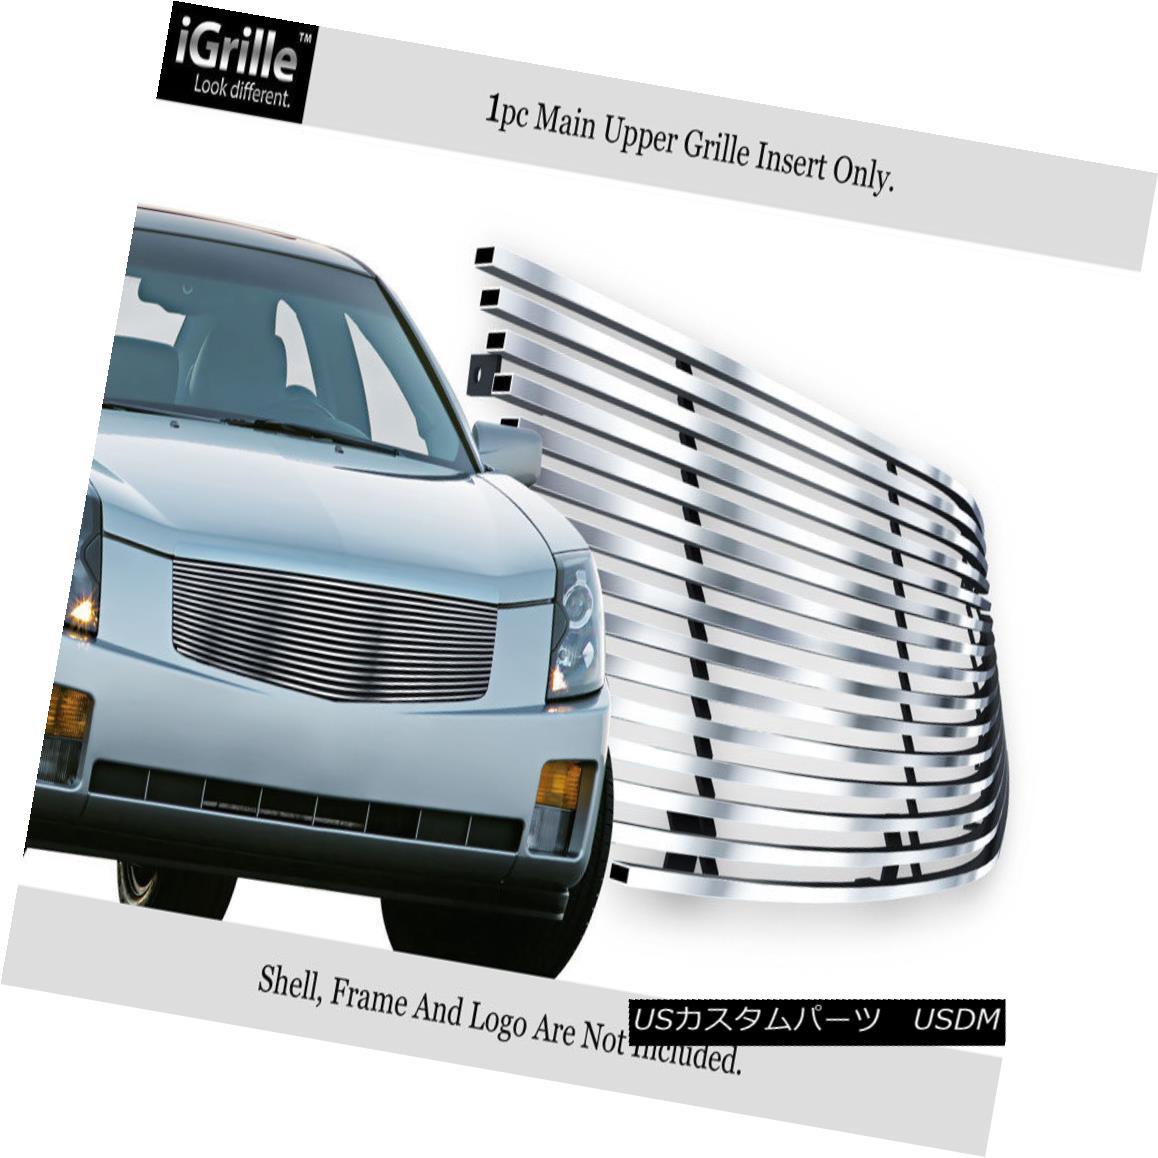 グリル Fits 2003-2007 Cadillac CTS Stainlesss Steel Billet Grille Insert 2003-2007キャデラックCTSステンレス鋼ビレットグリルインサートに適合